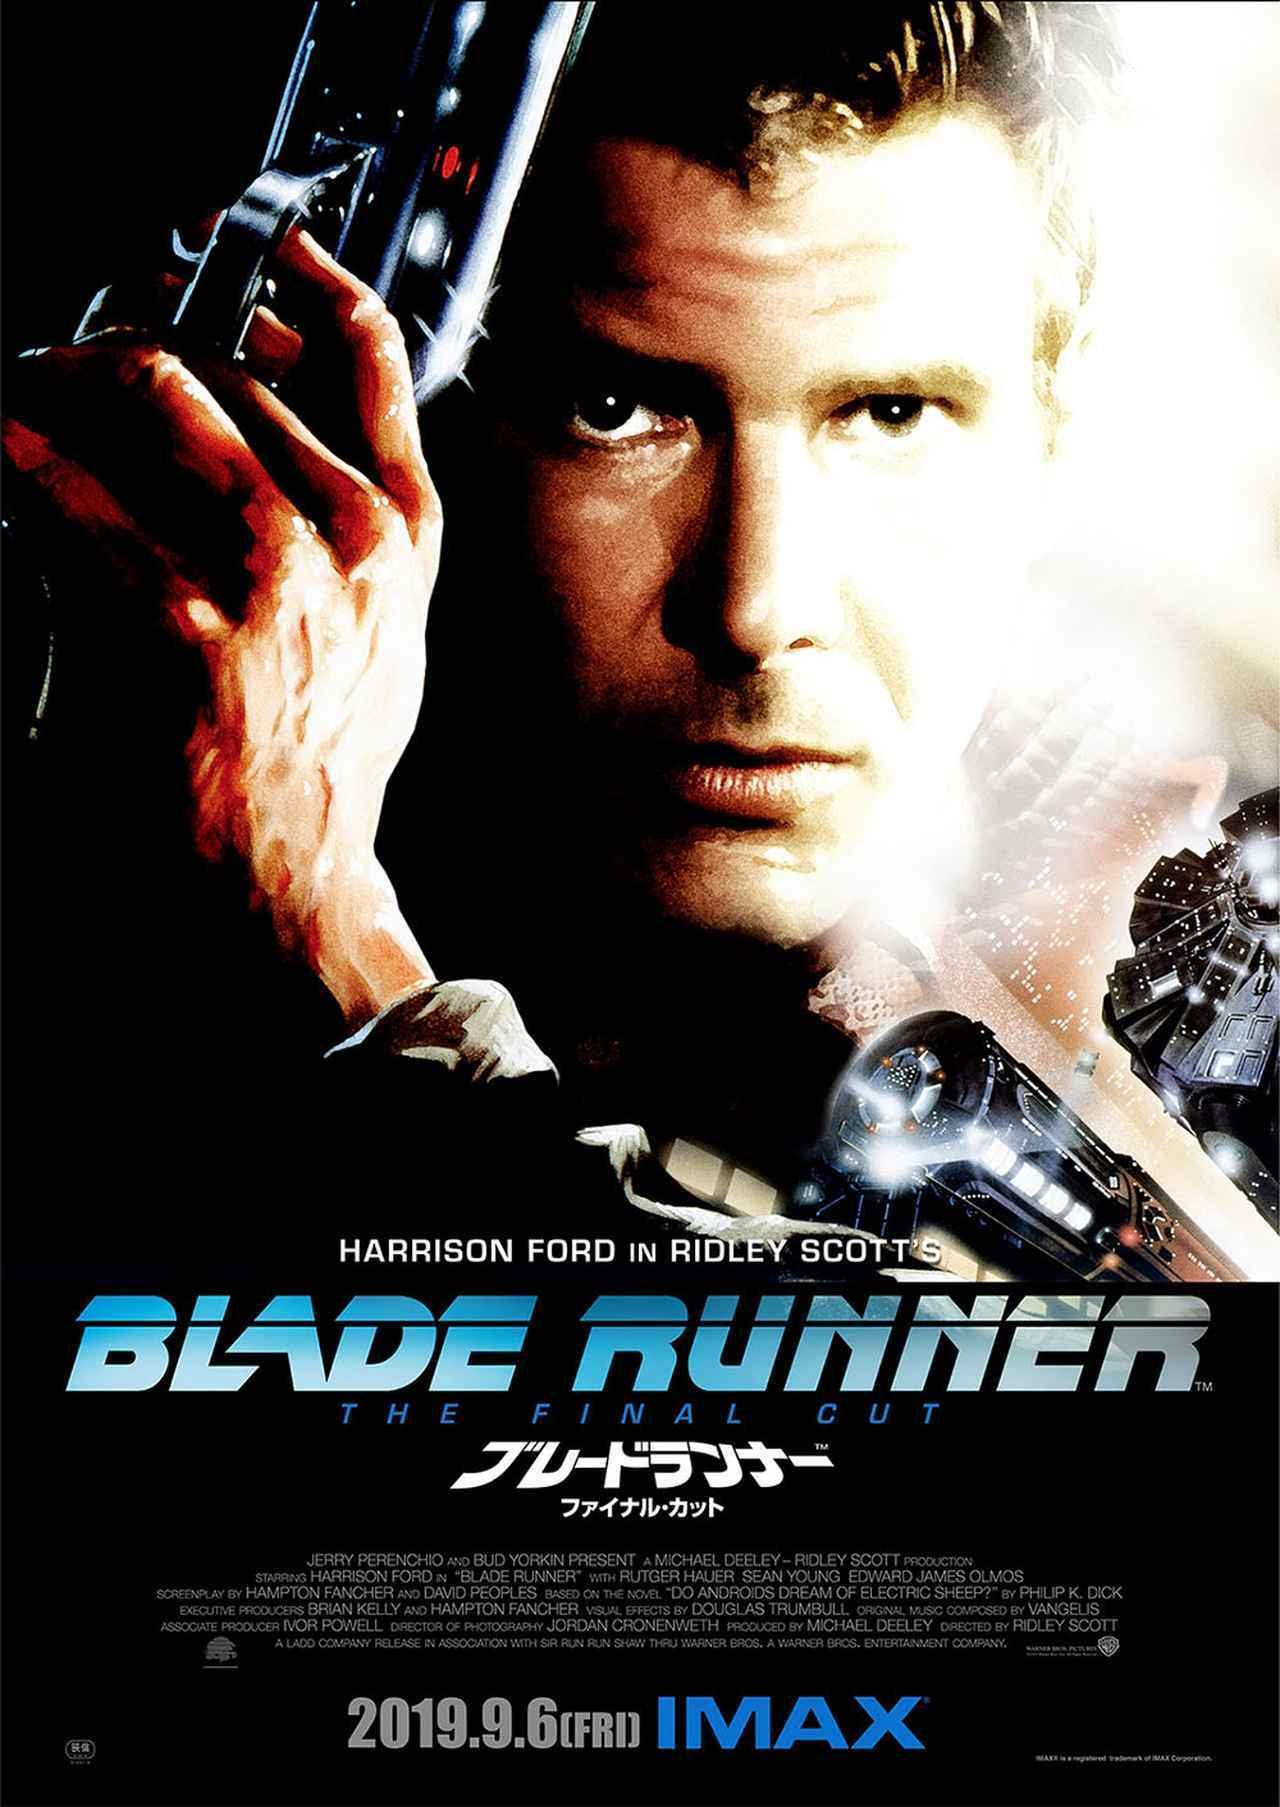 画像: Blade Runner: The Final Cut © 2007 Warner Bros. Entertainment Inc. All rights reserved.